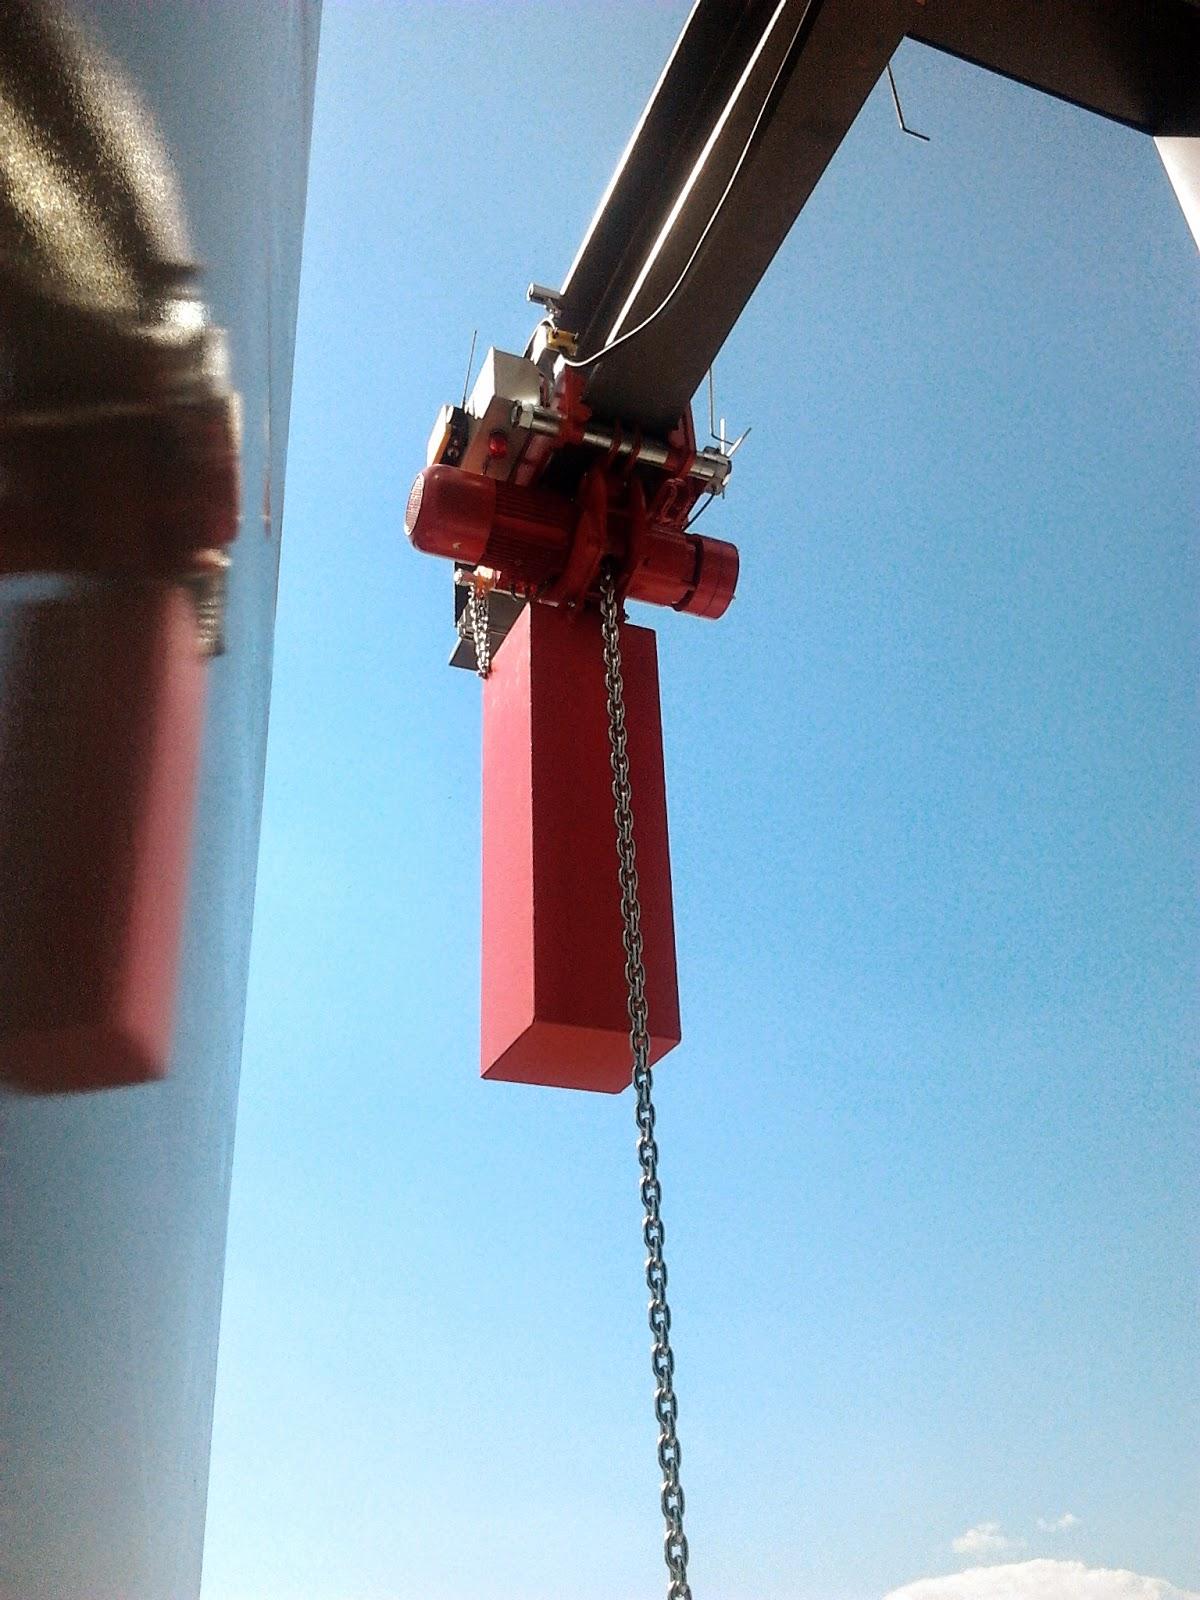 Kettenzug 5000 kg - 86,5 m - 4/8 m/min - ED 100%